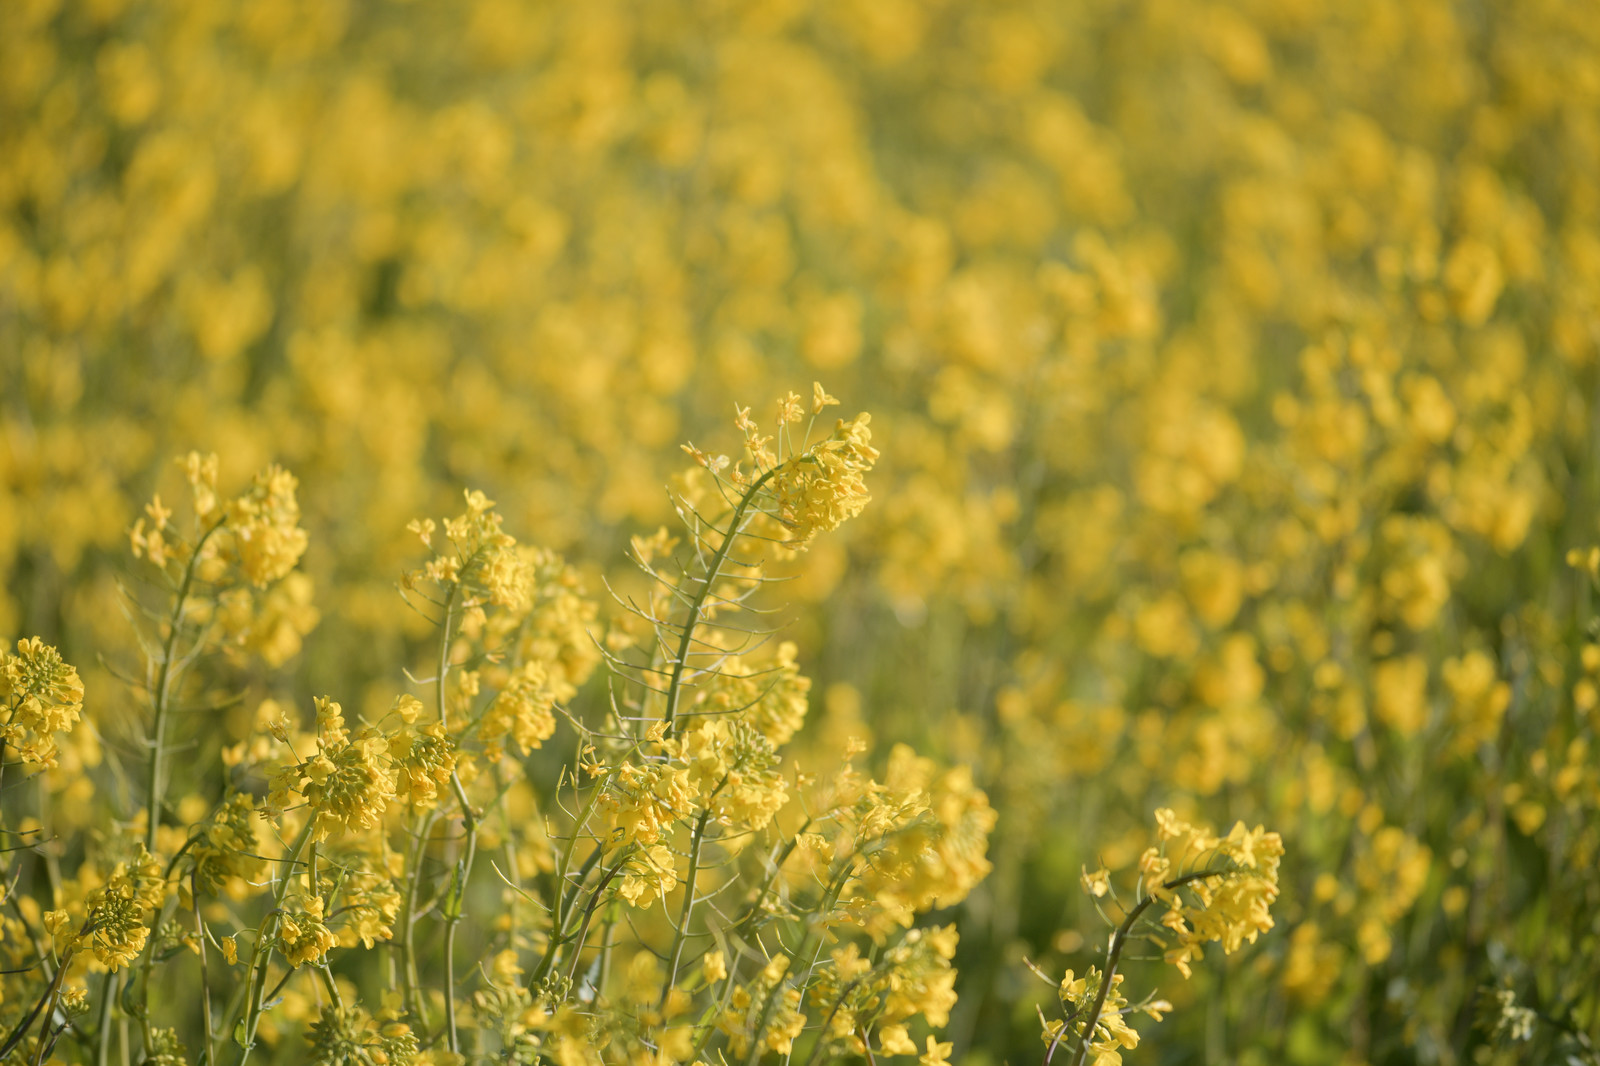 「穏やかな春の日差しに凪ぐ菜の花」の写真